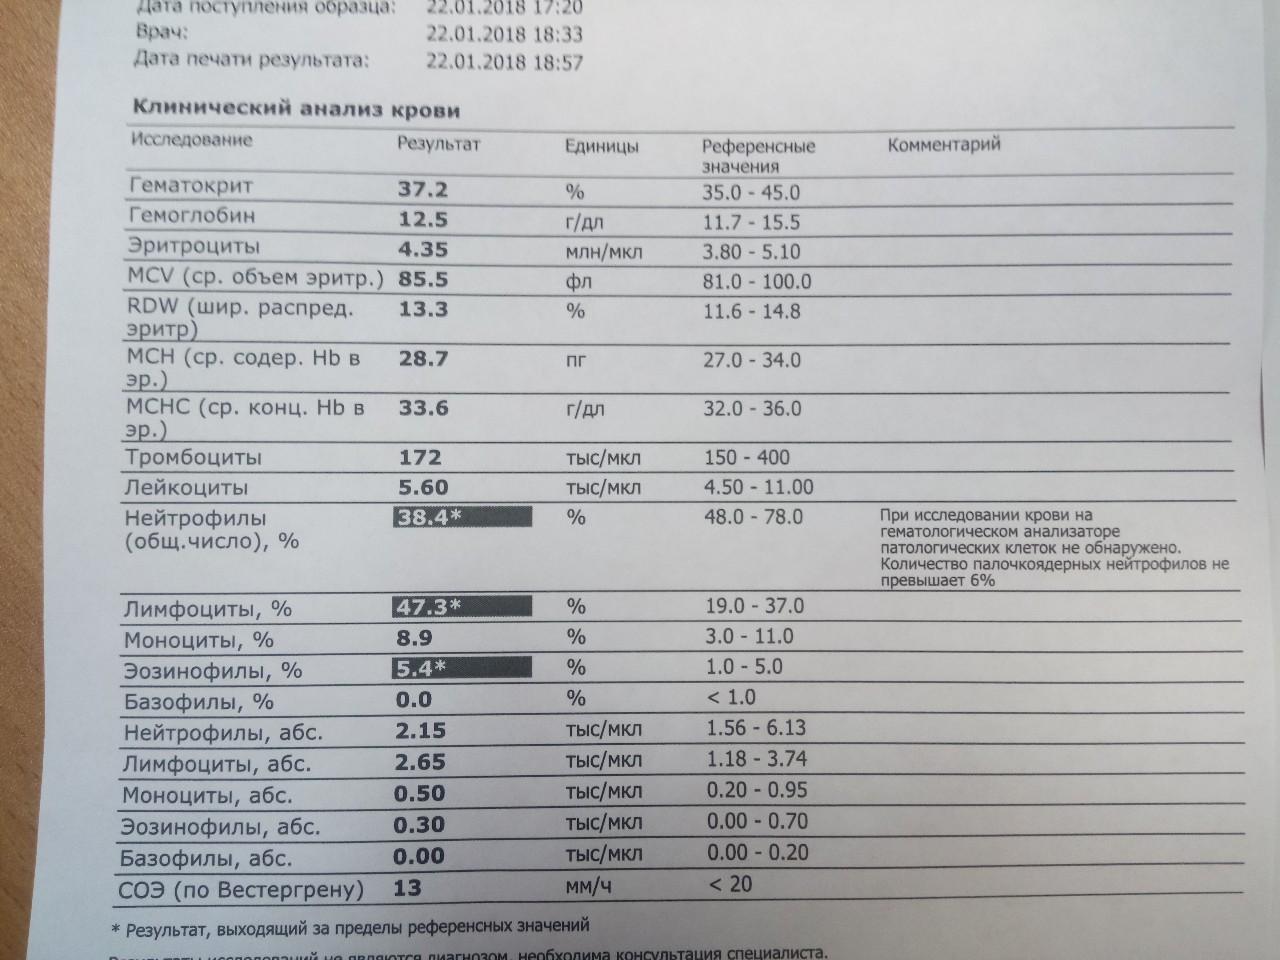 Mpv в анализе крови: что это такое, норма у женщин и мужчин